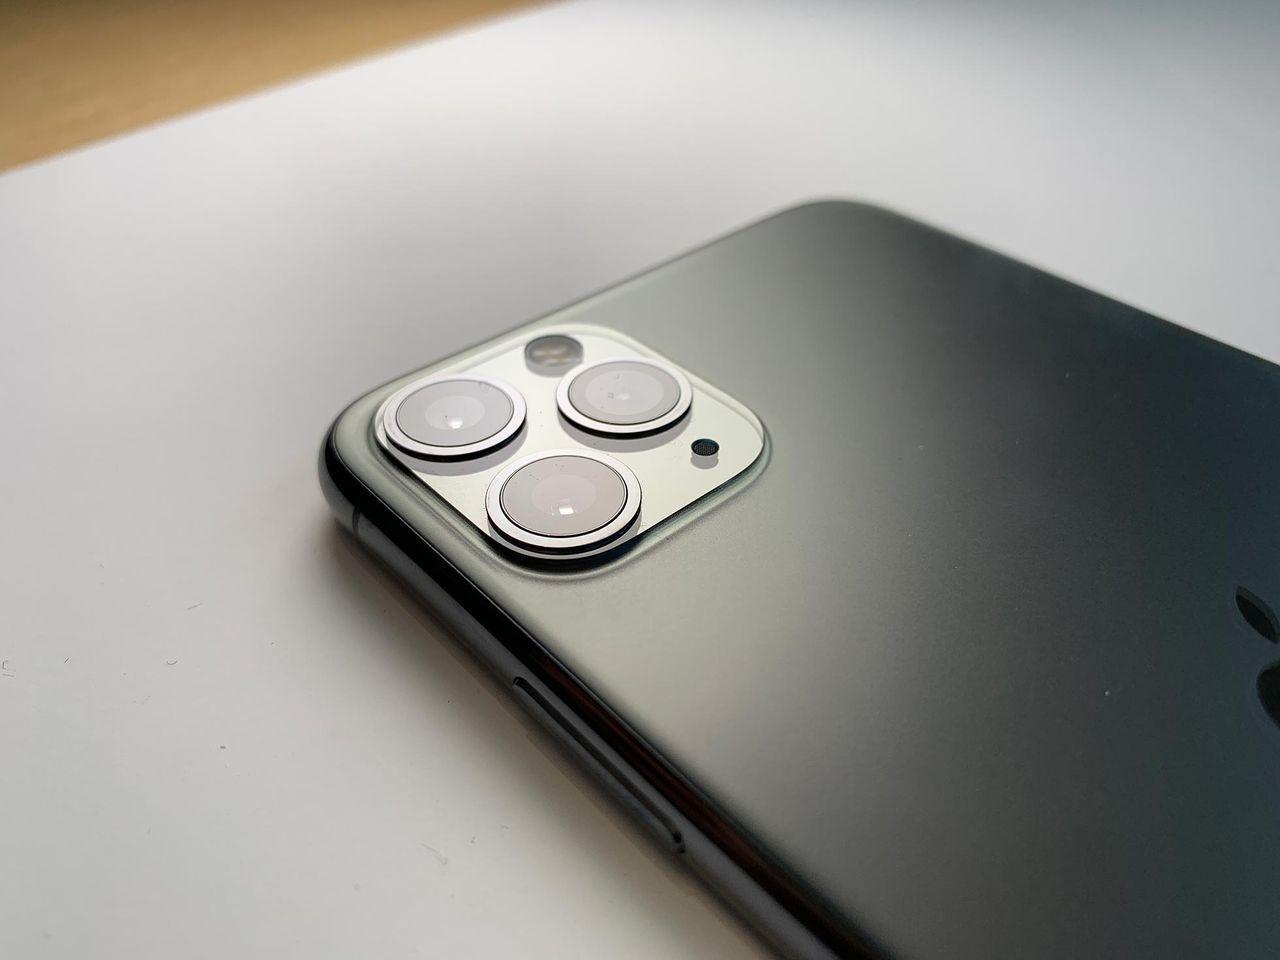 Nästa iPhone kan få förbättrad bildstabilisator